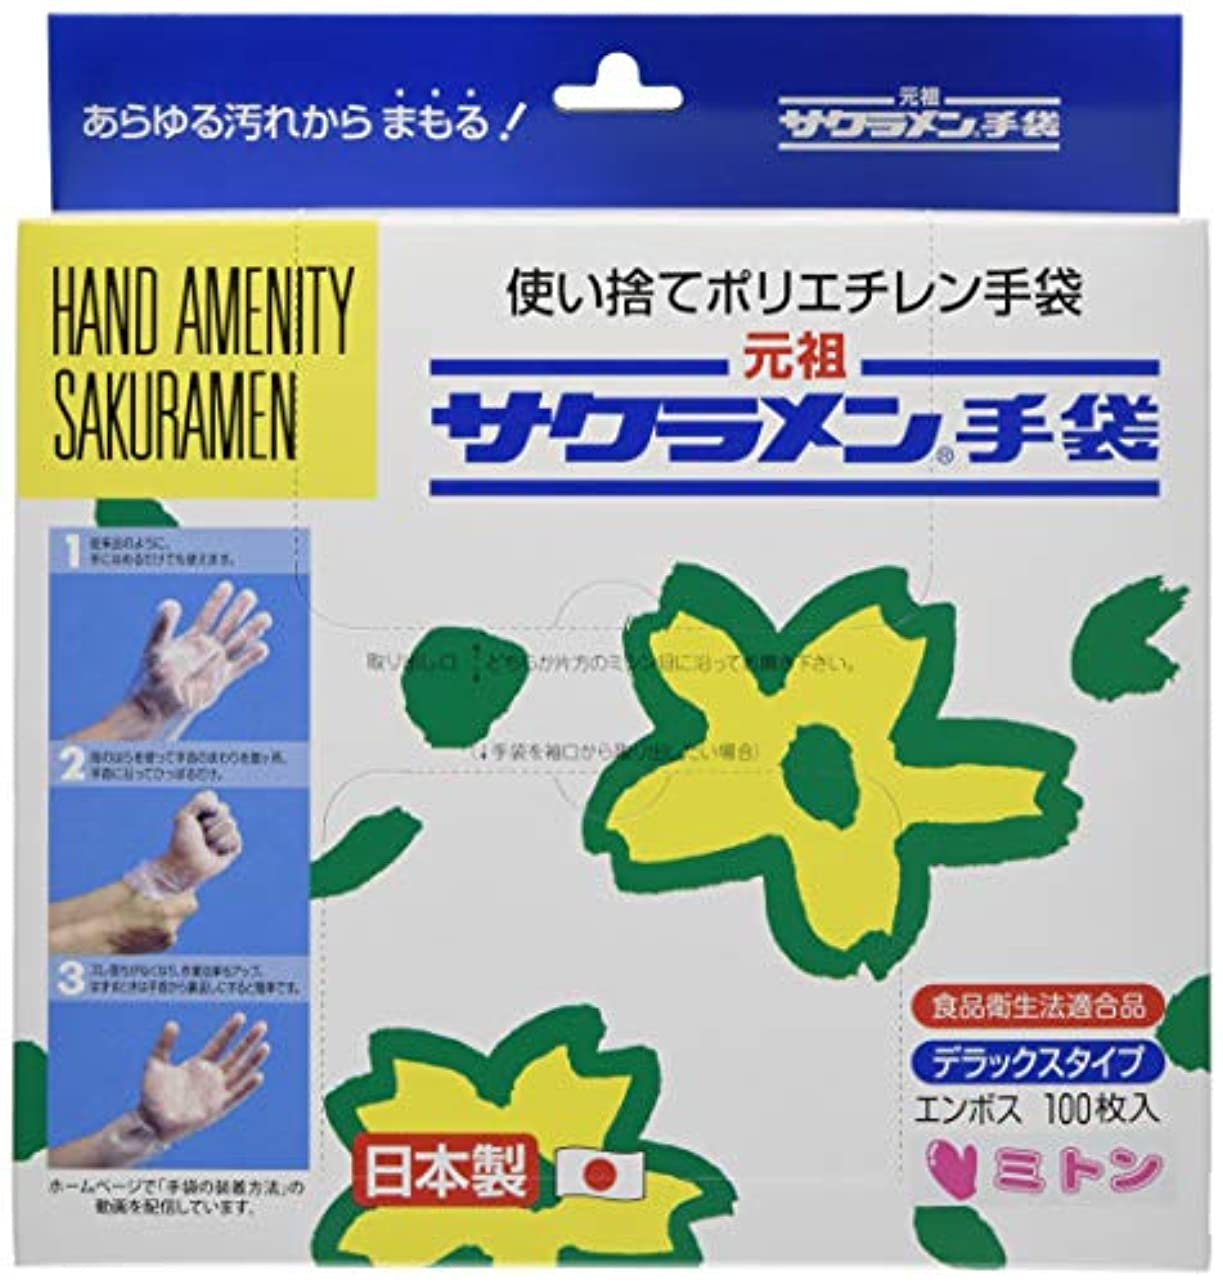 識別枝改修サクラメン ミトンタイプ手袋(100枚入)35μ